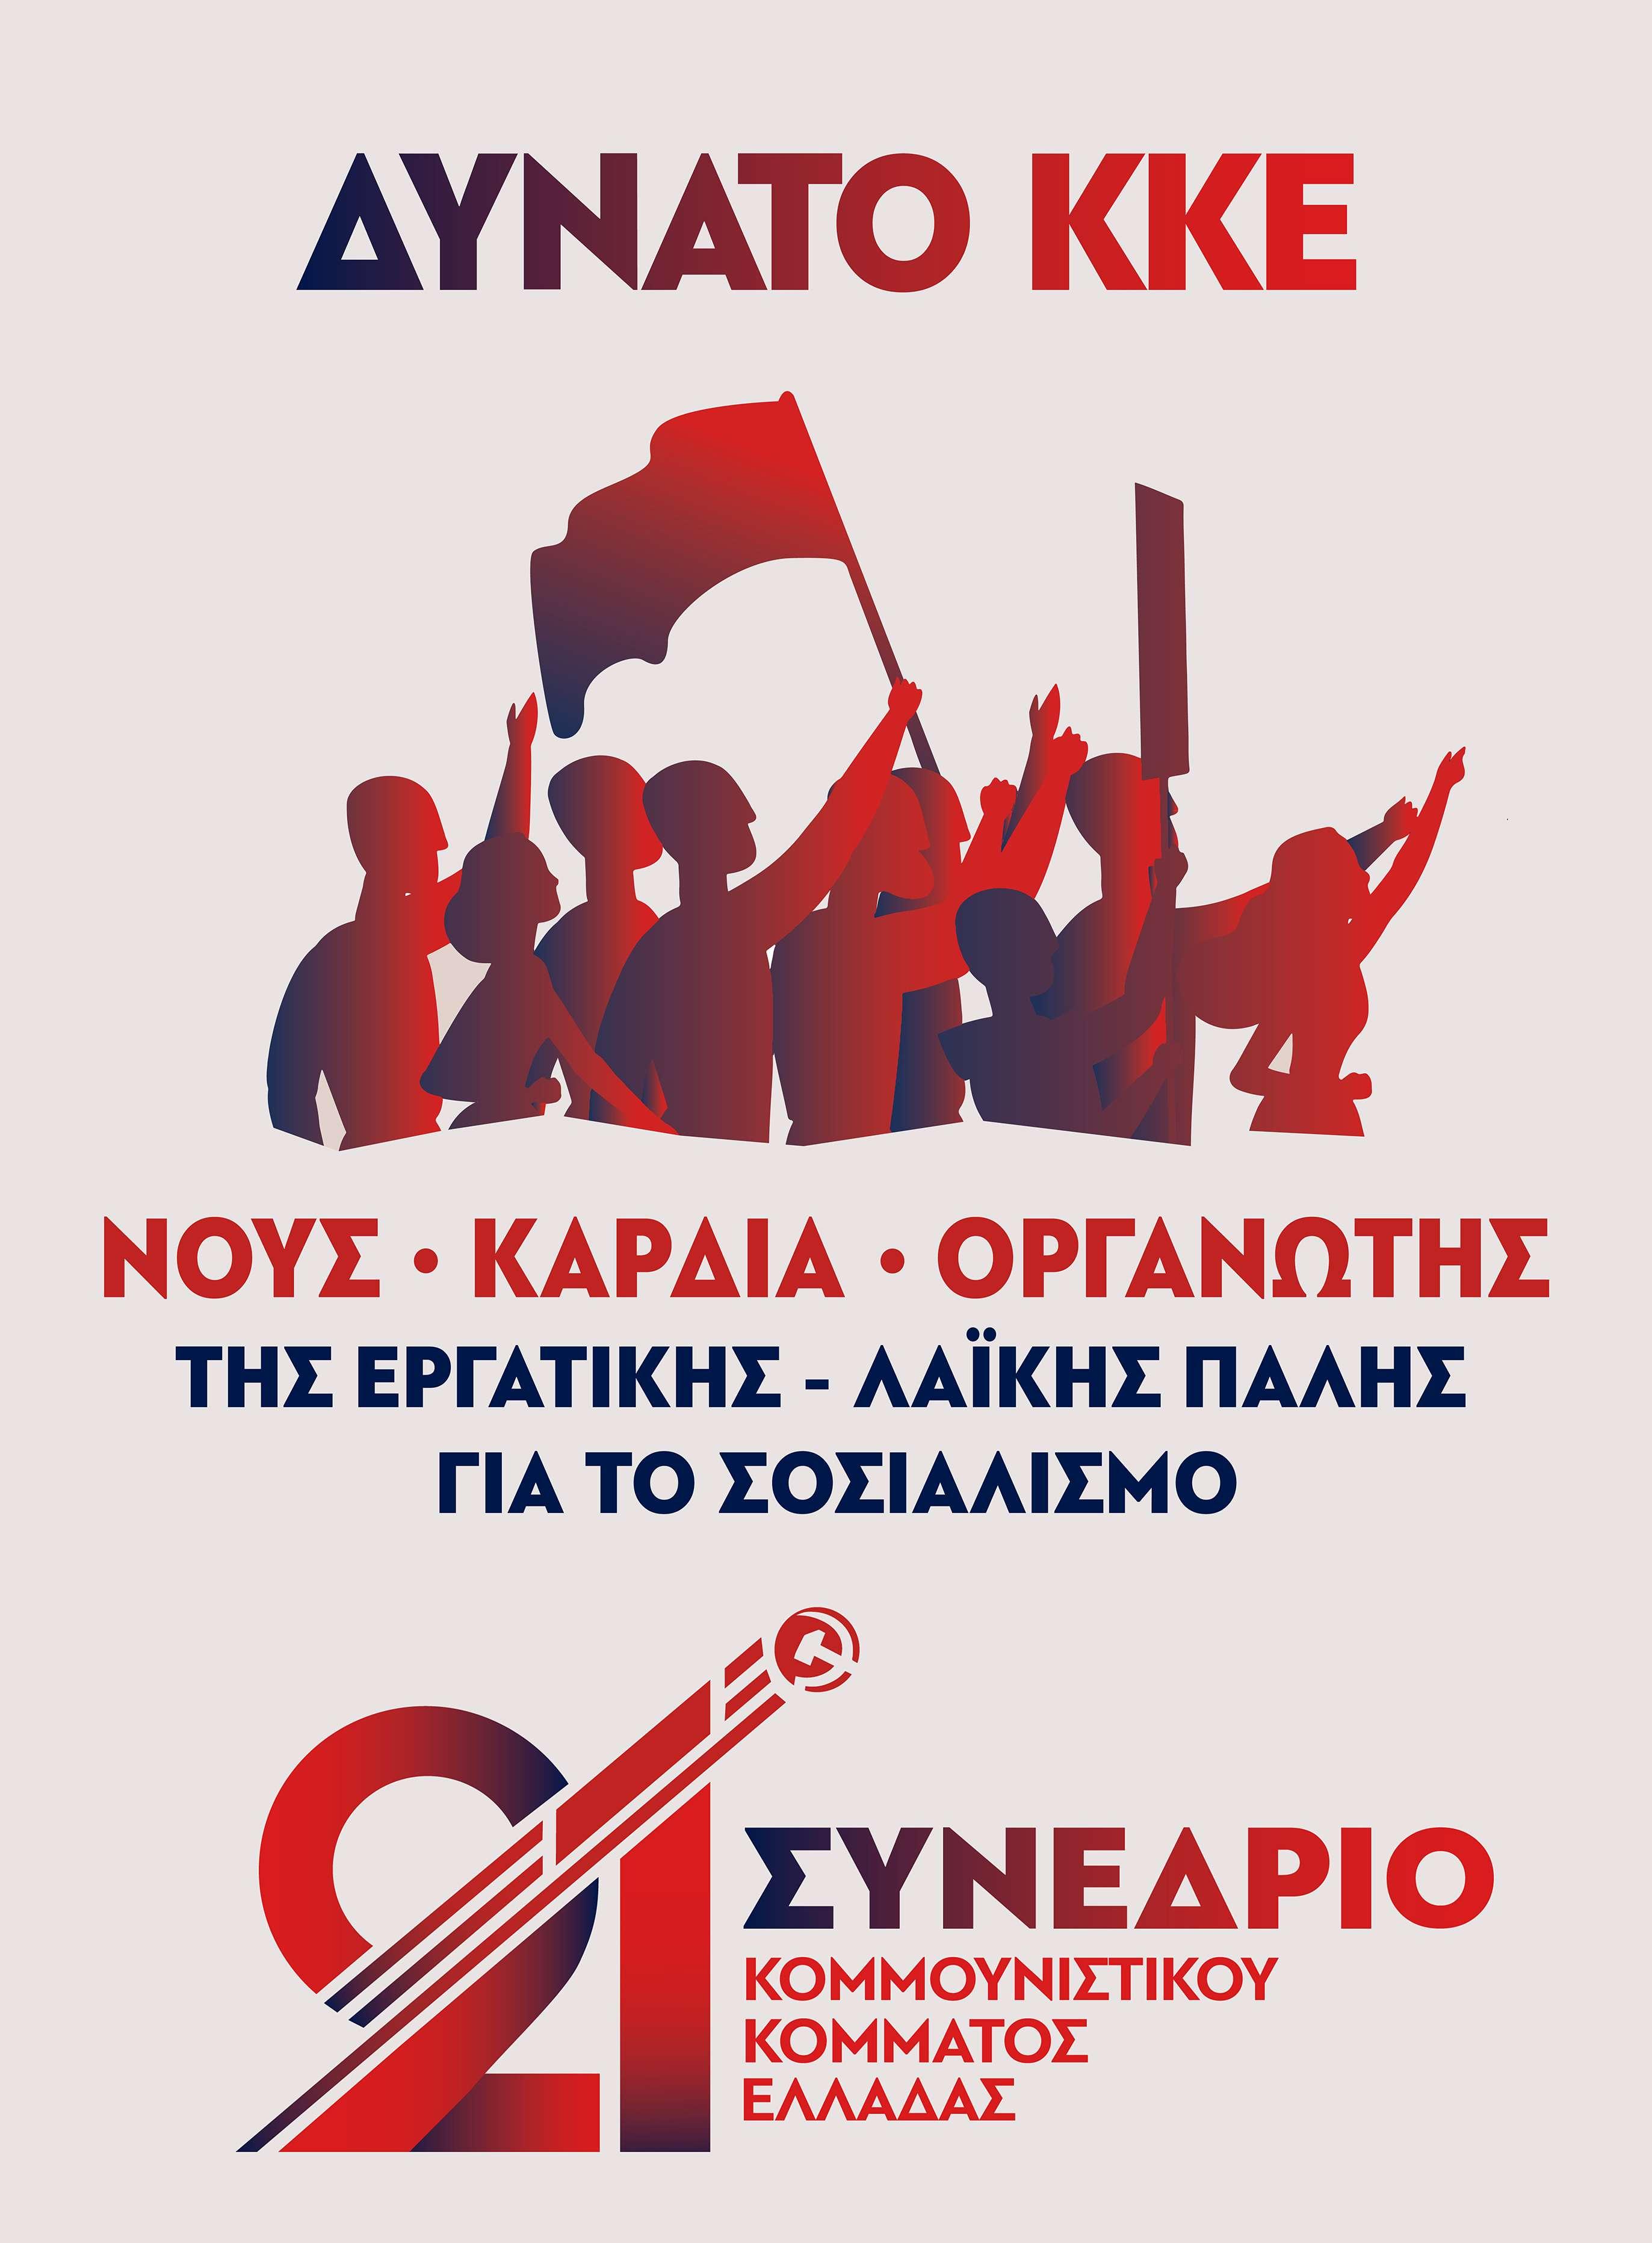 21ο Συνέδριο ΚΚΕ 21 synedrio KKE